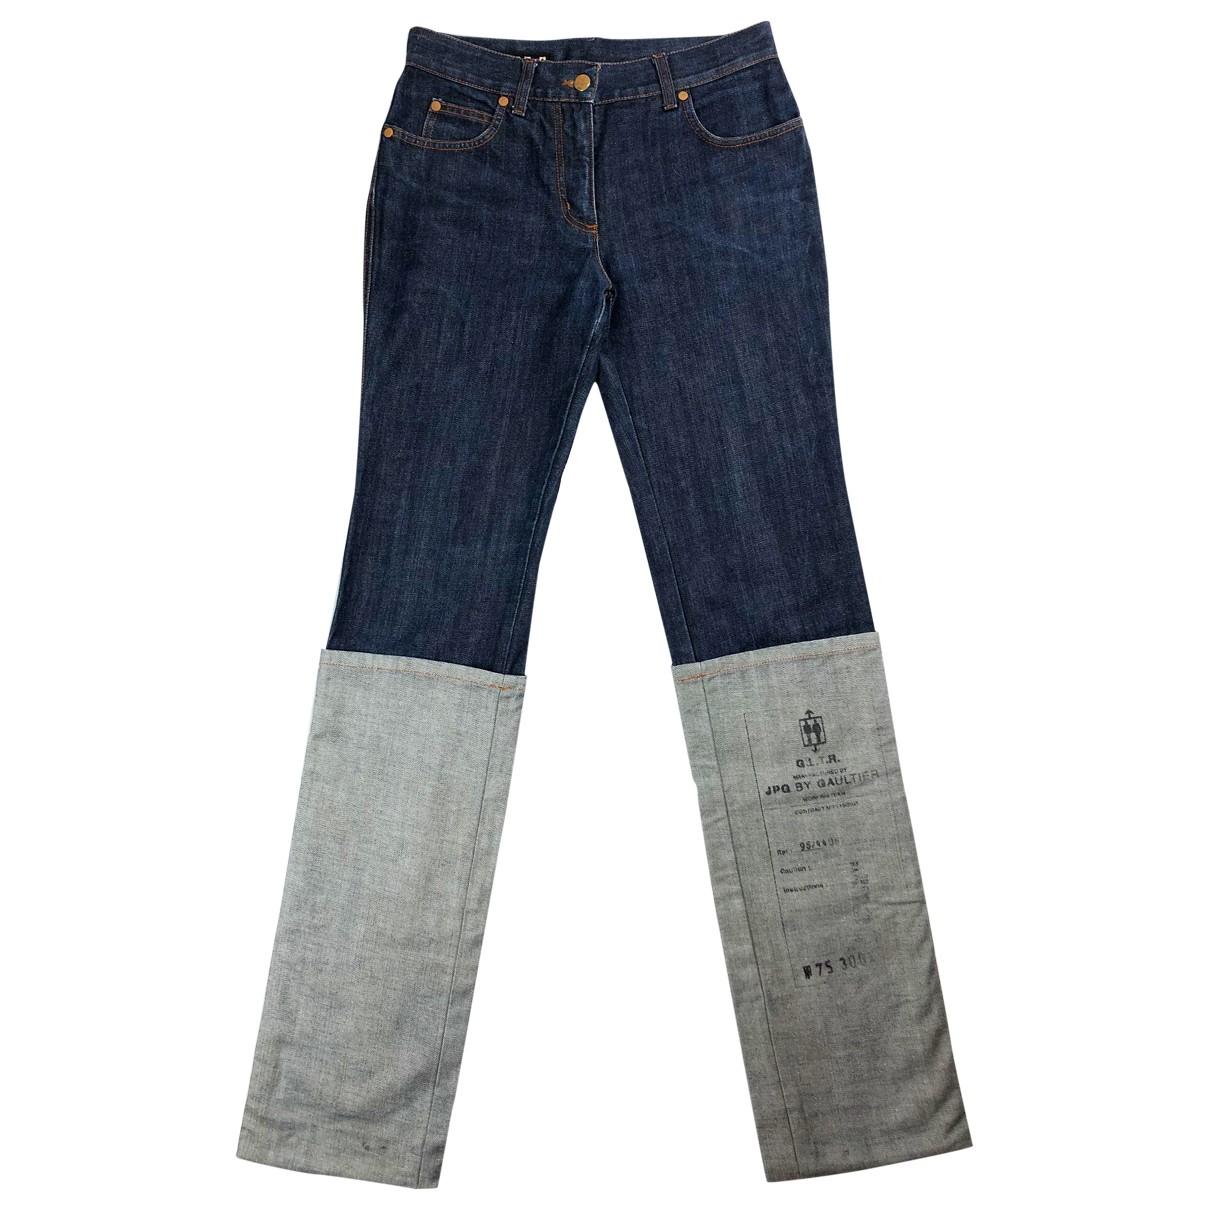 Jean Paul Gaultier \N Navy Denim - Jeans Jeans for Women 28 US